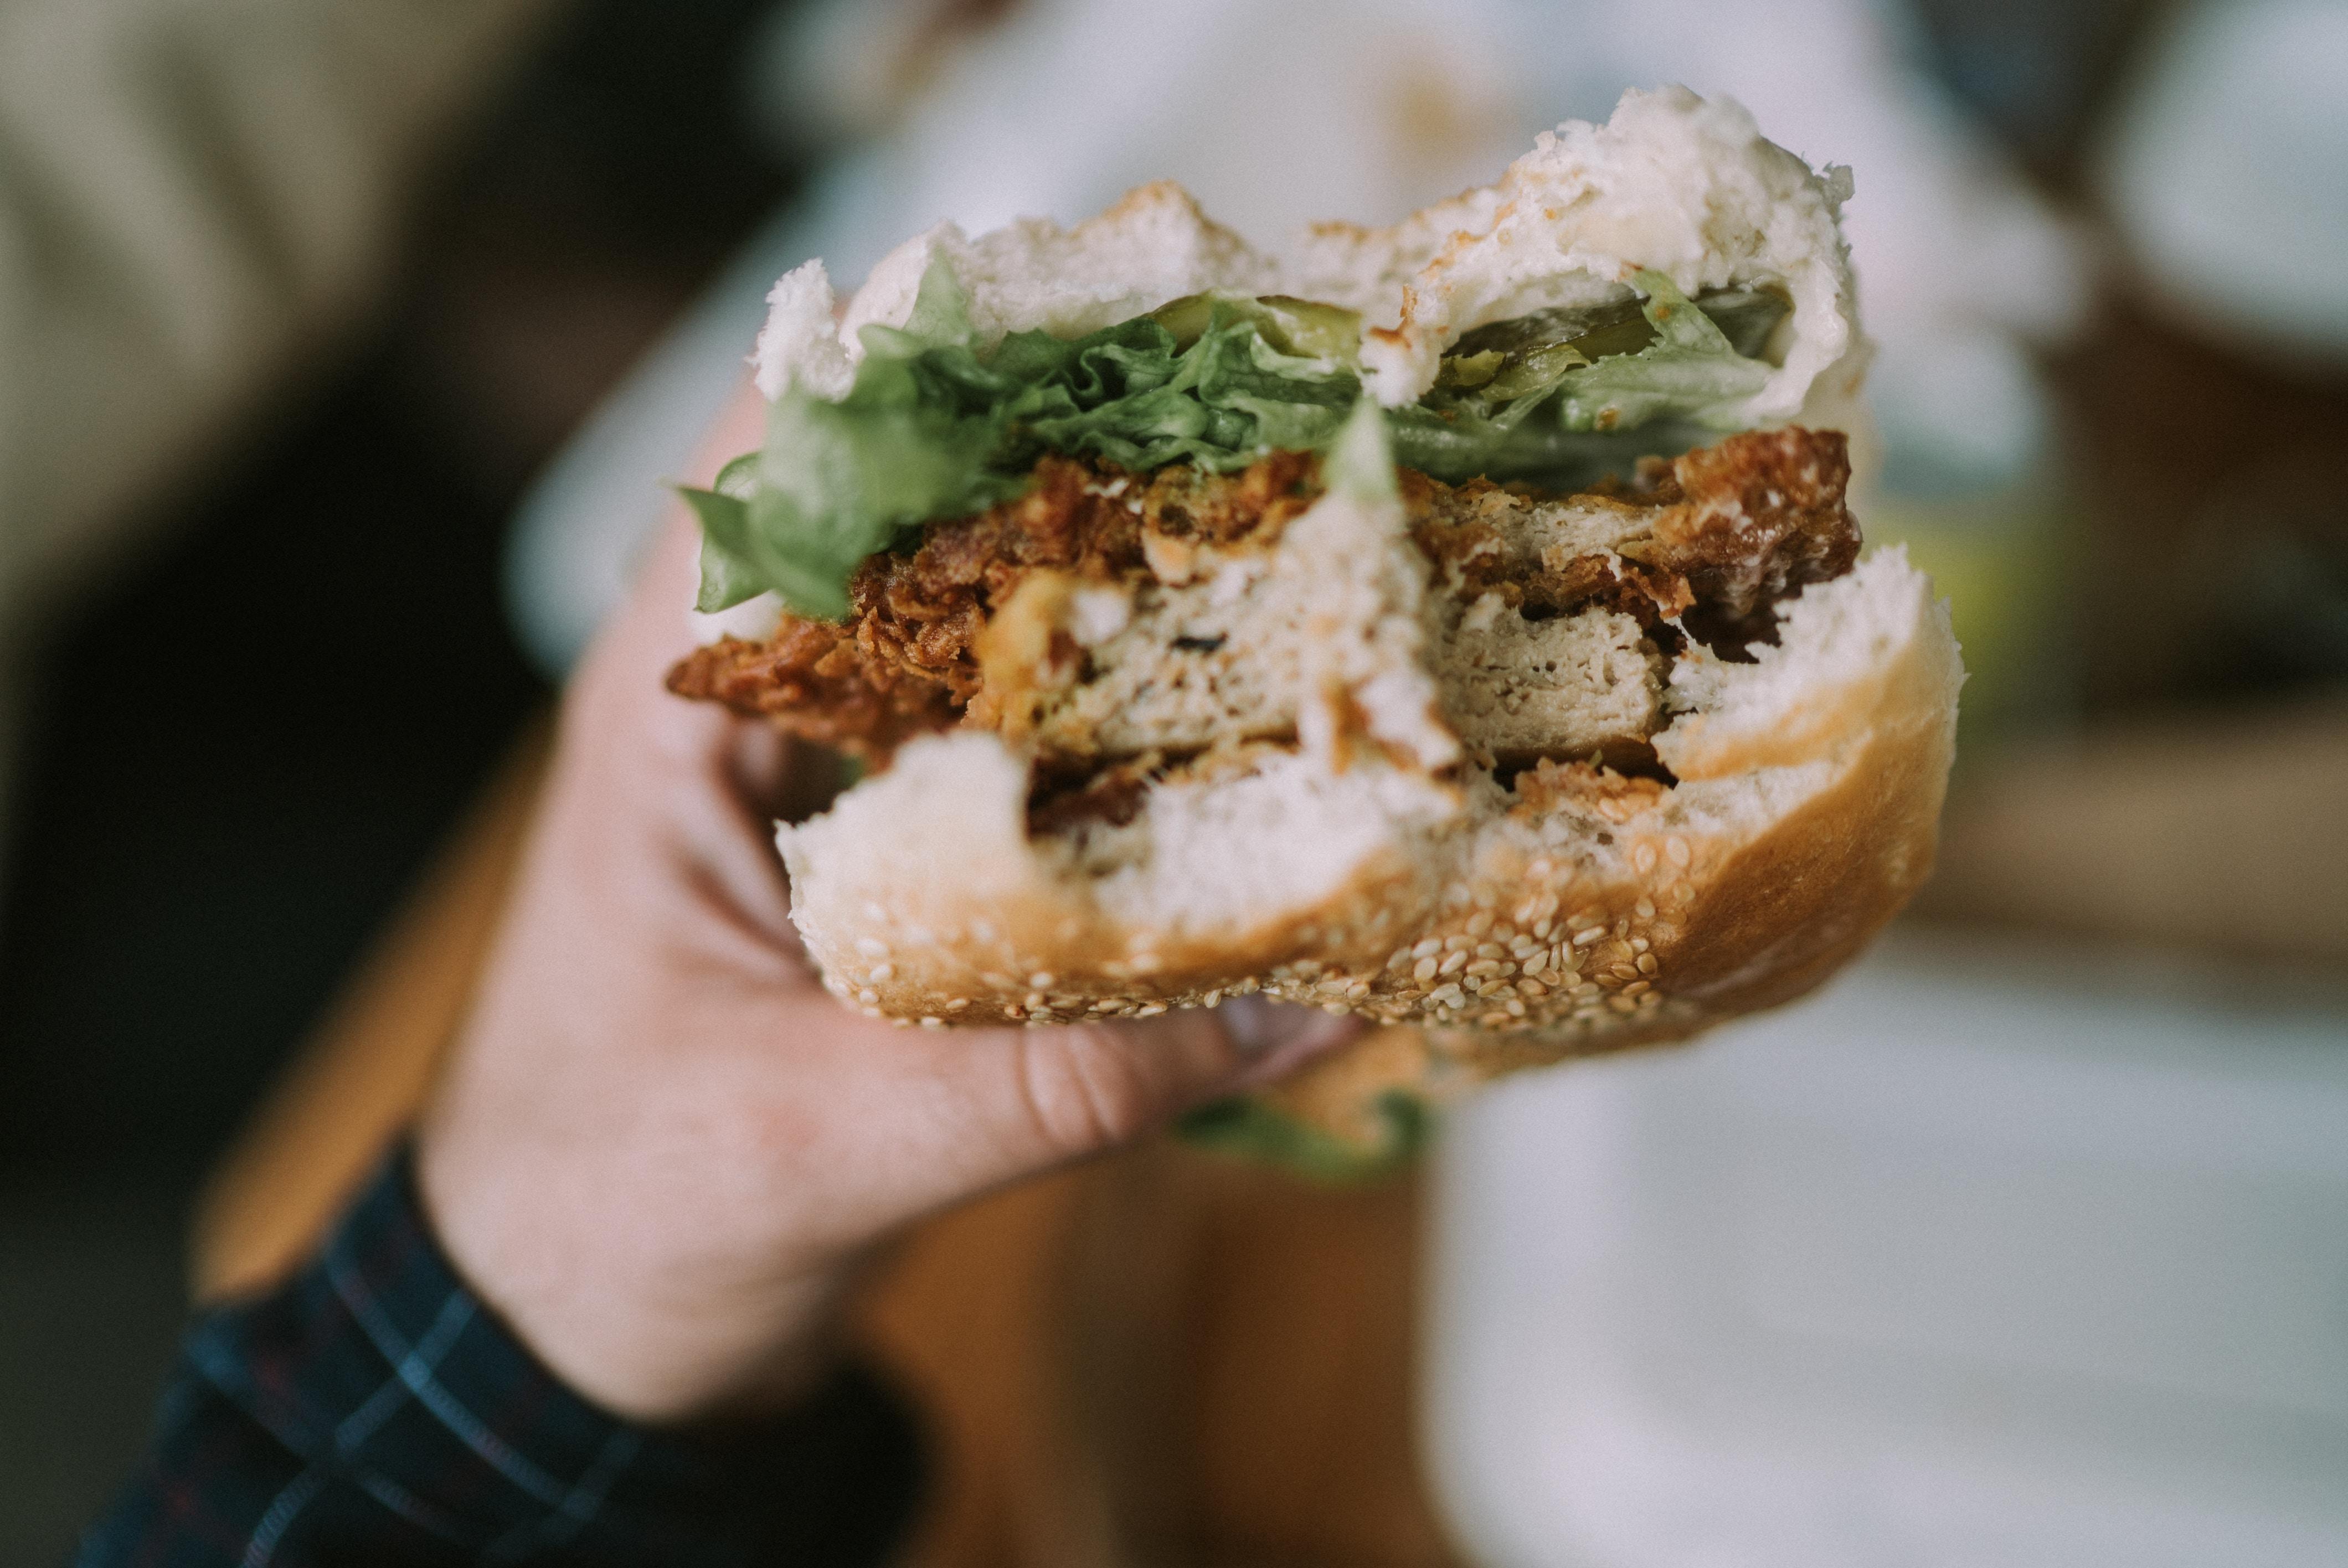 KFC cheetos chicken sandwich